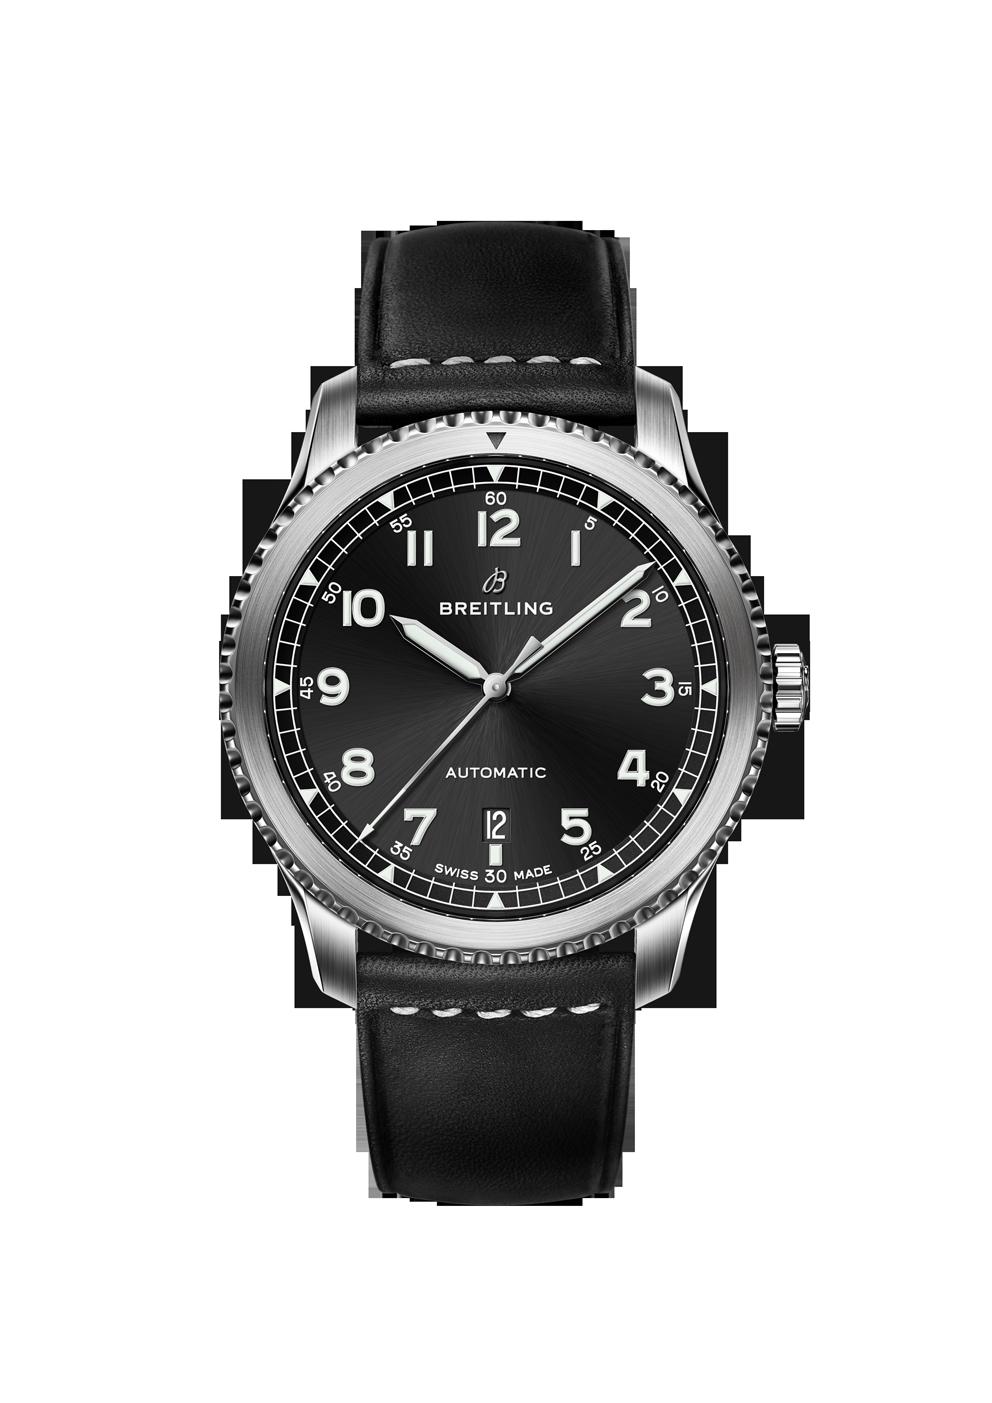 Breitling Navitimer 8 Automatic mit schwarzem Zifferblatt und Lederband bei Juwelier Hungeling